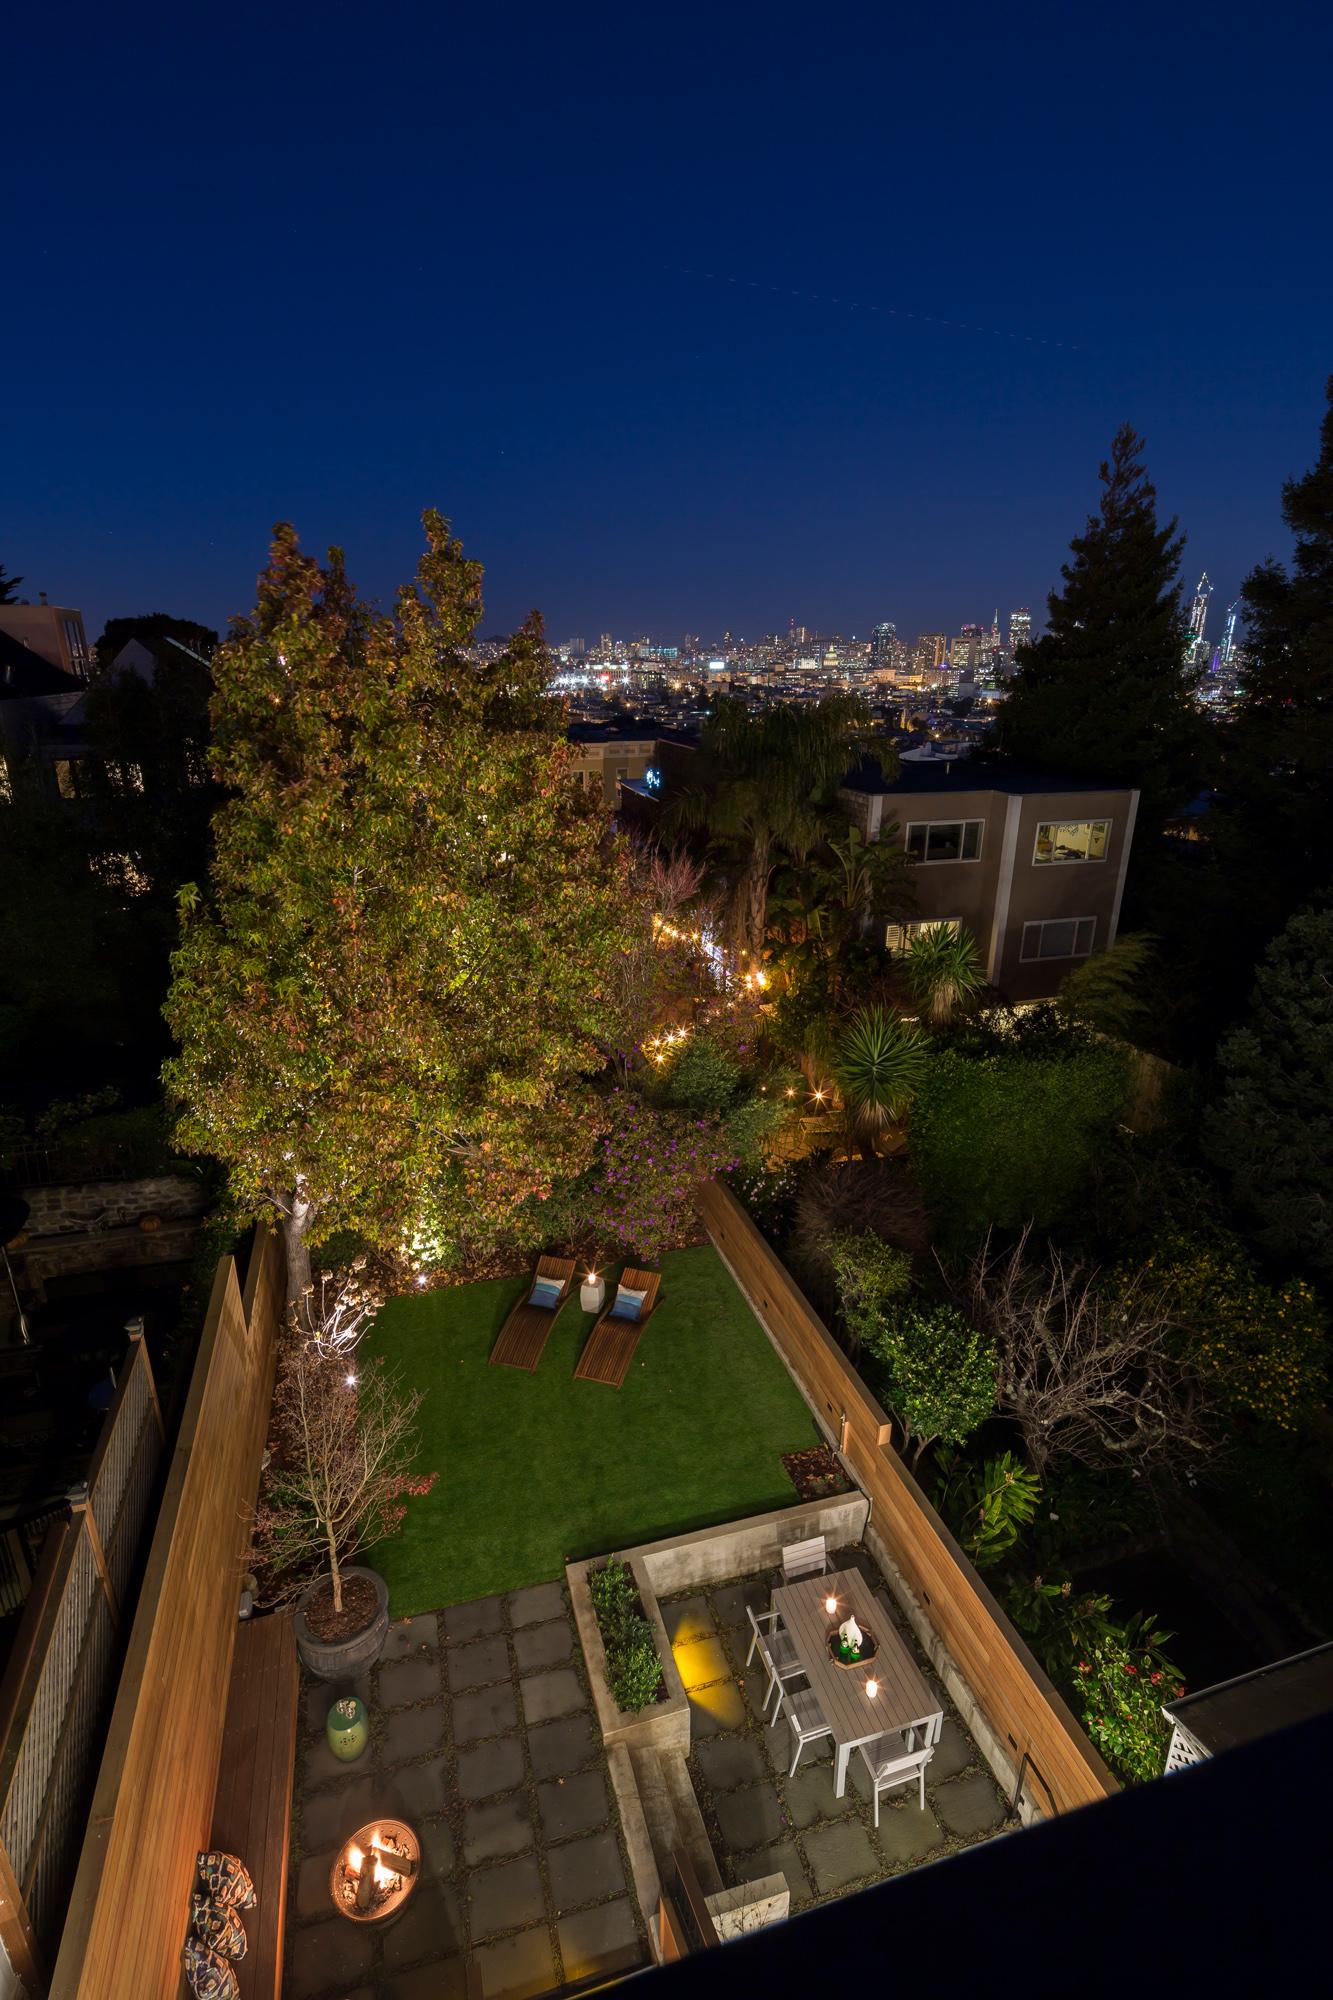 Yard_View_4607.jpg